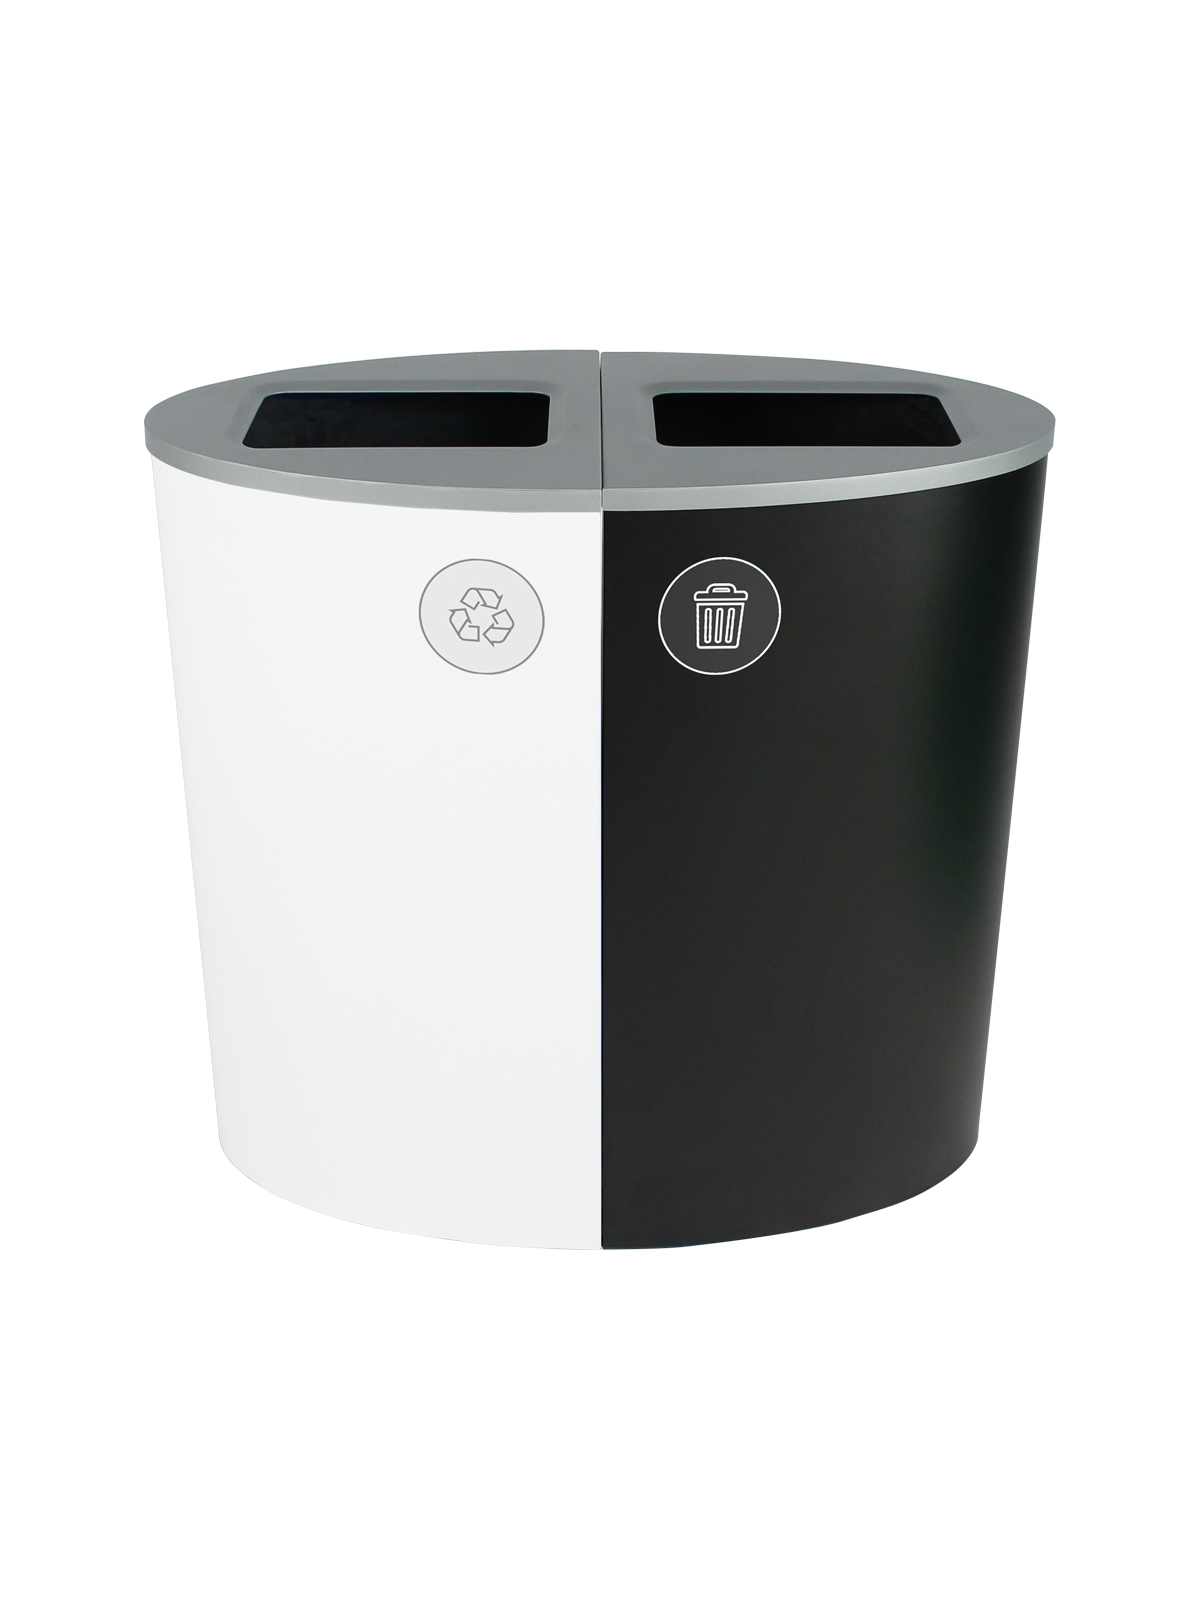 SPECTRUM - Double - Mobius Loop-Waste - Full - White-Black